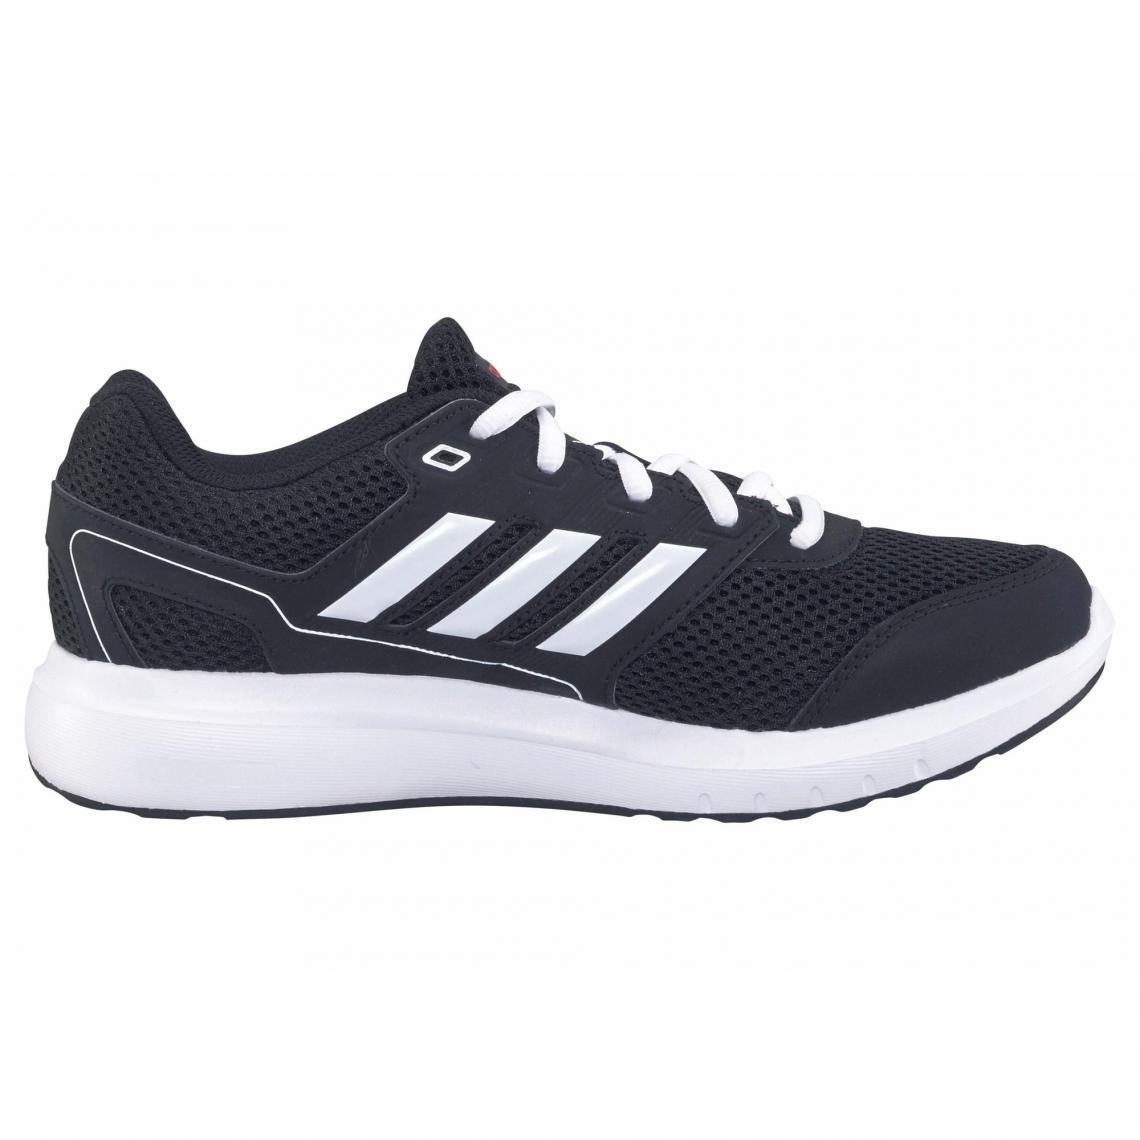 new product 55173 4eb76 Sneakers Adidas Cliquez limage pour lagrandir. adidas Performance Duramo  Lite 2.0 chaussures de running femme - Noir ...